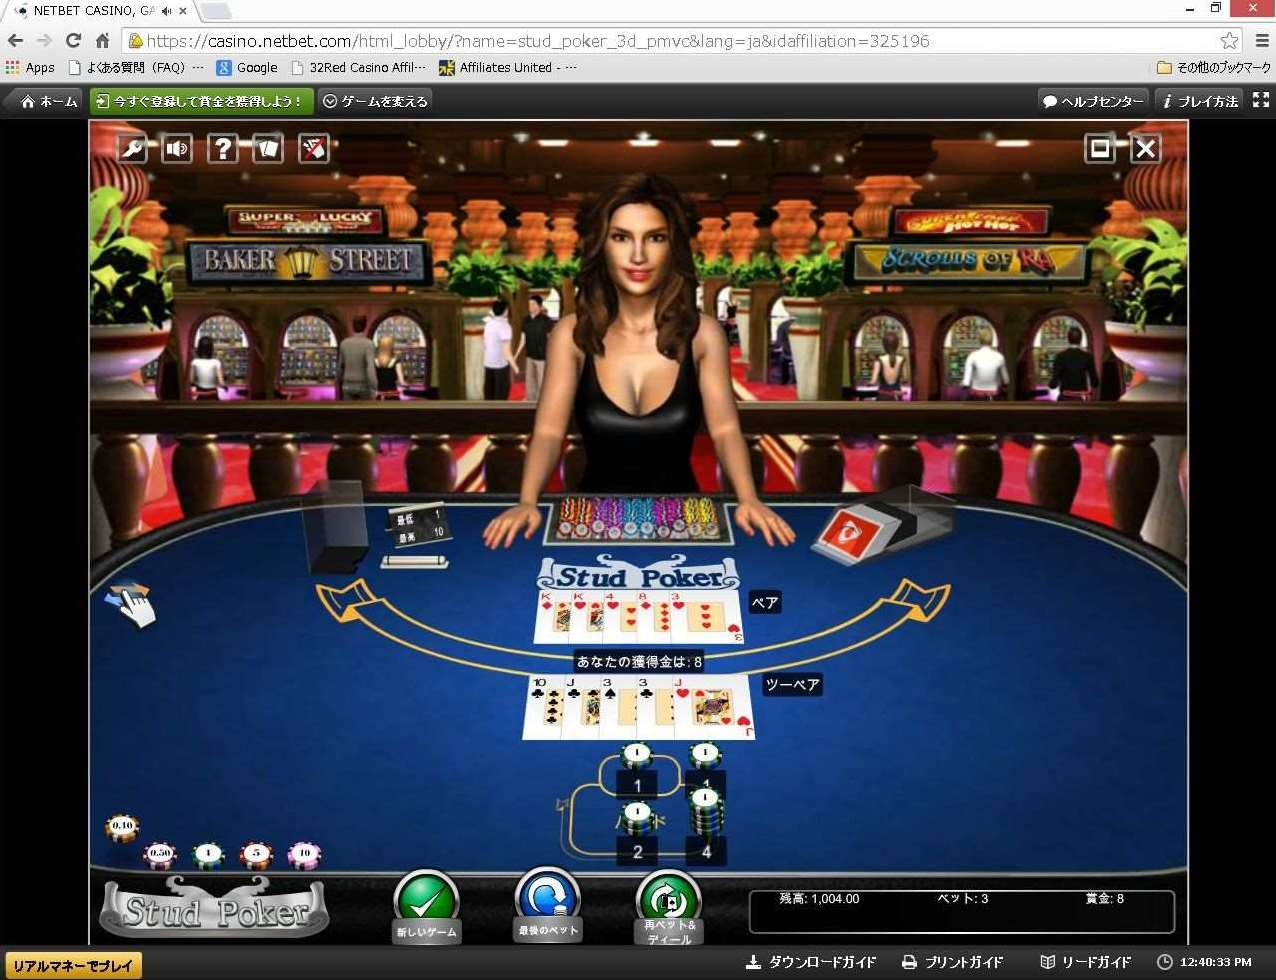 3 bet poker casino